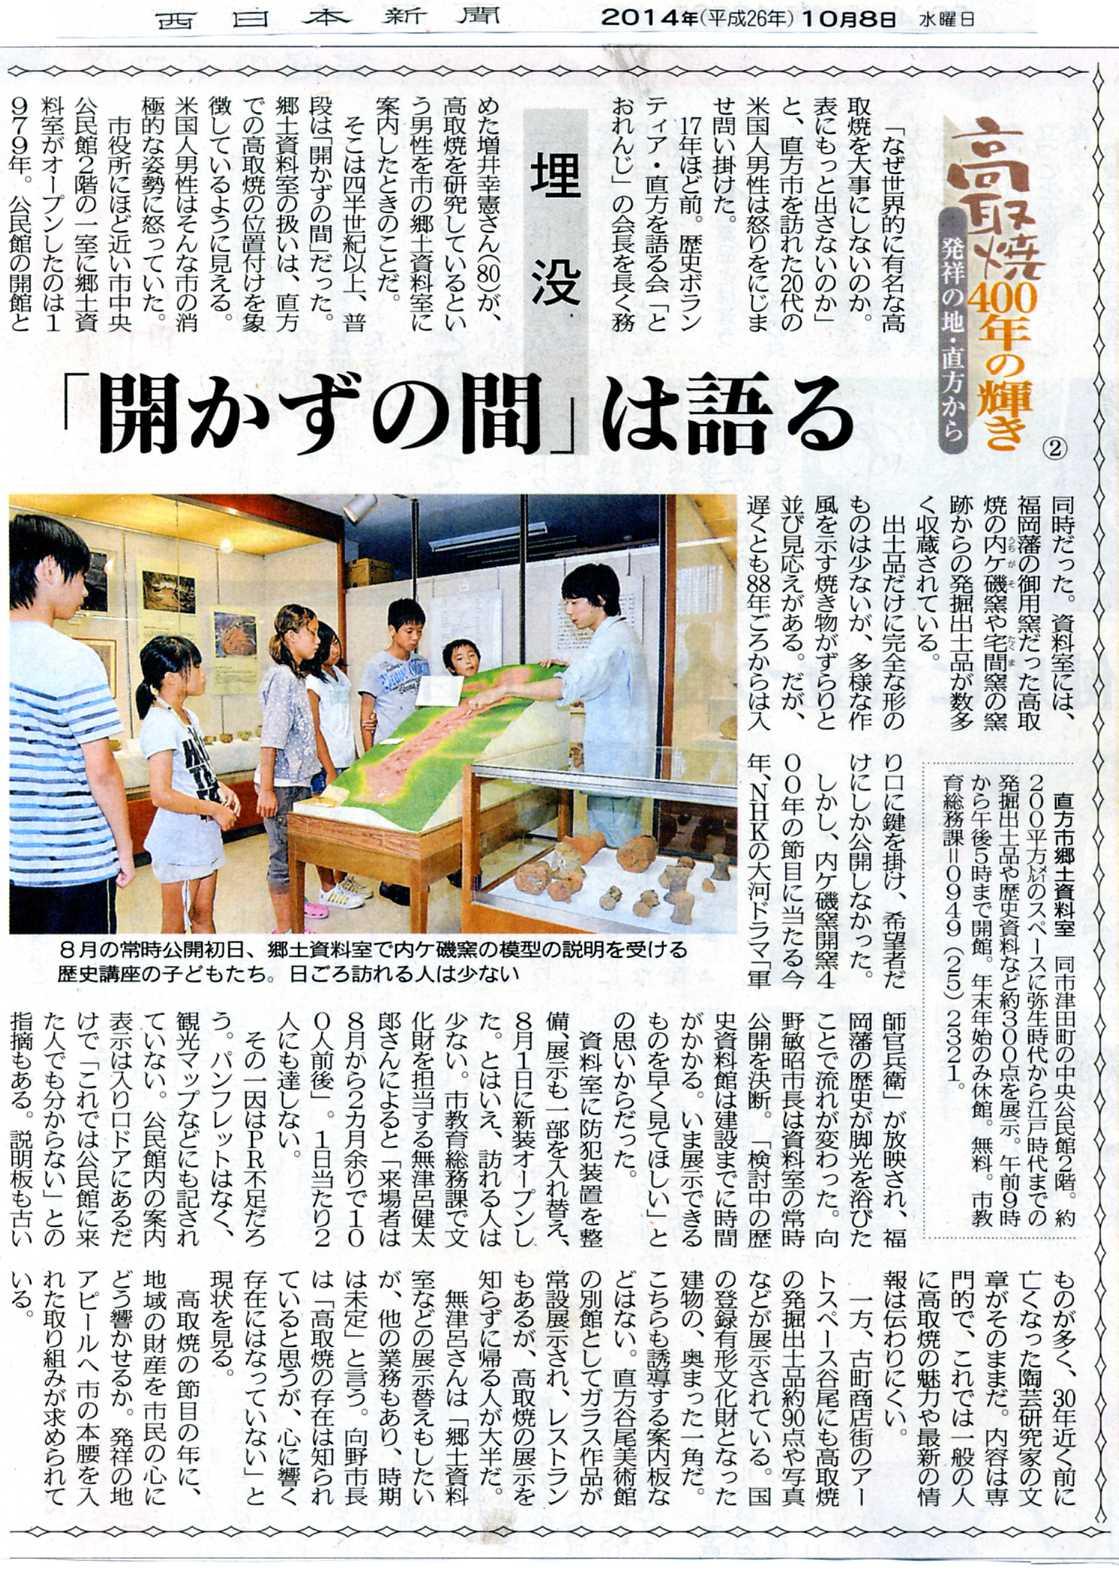 02-nishinippon-takatori2014.10.08